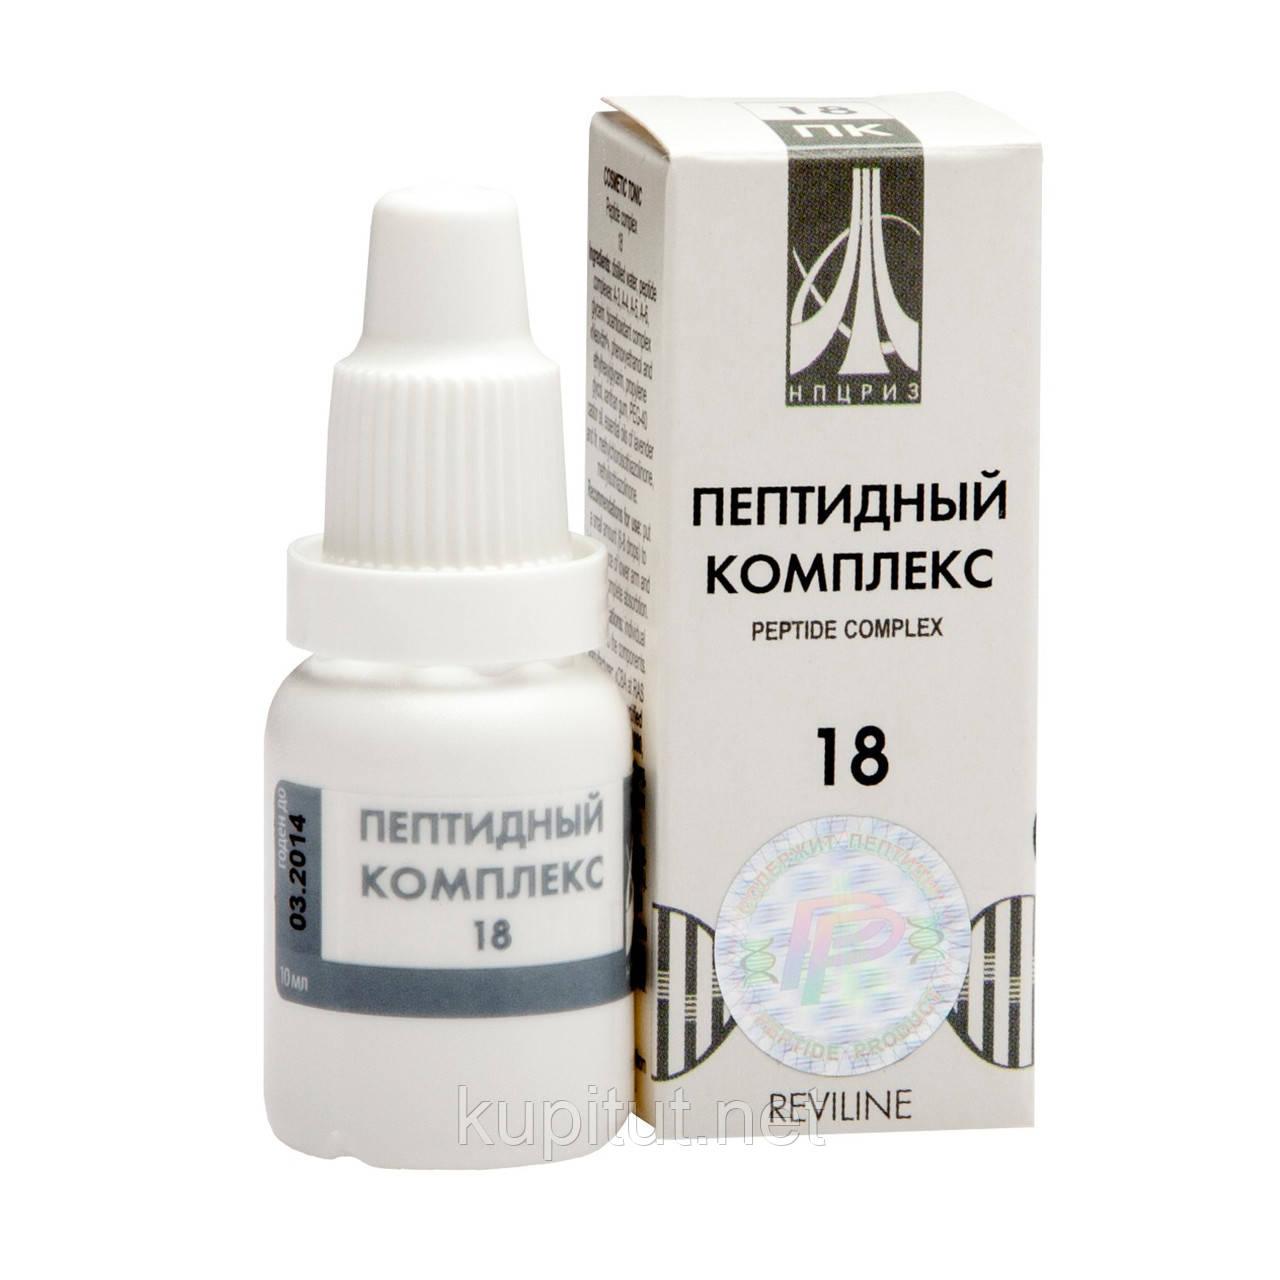 Жидкий пептидный комплекс № 18 (для восстановления слуха)